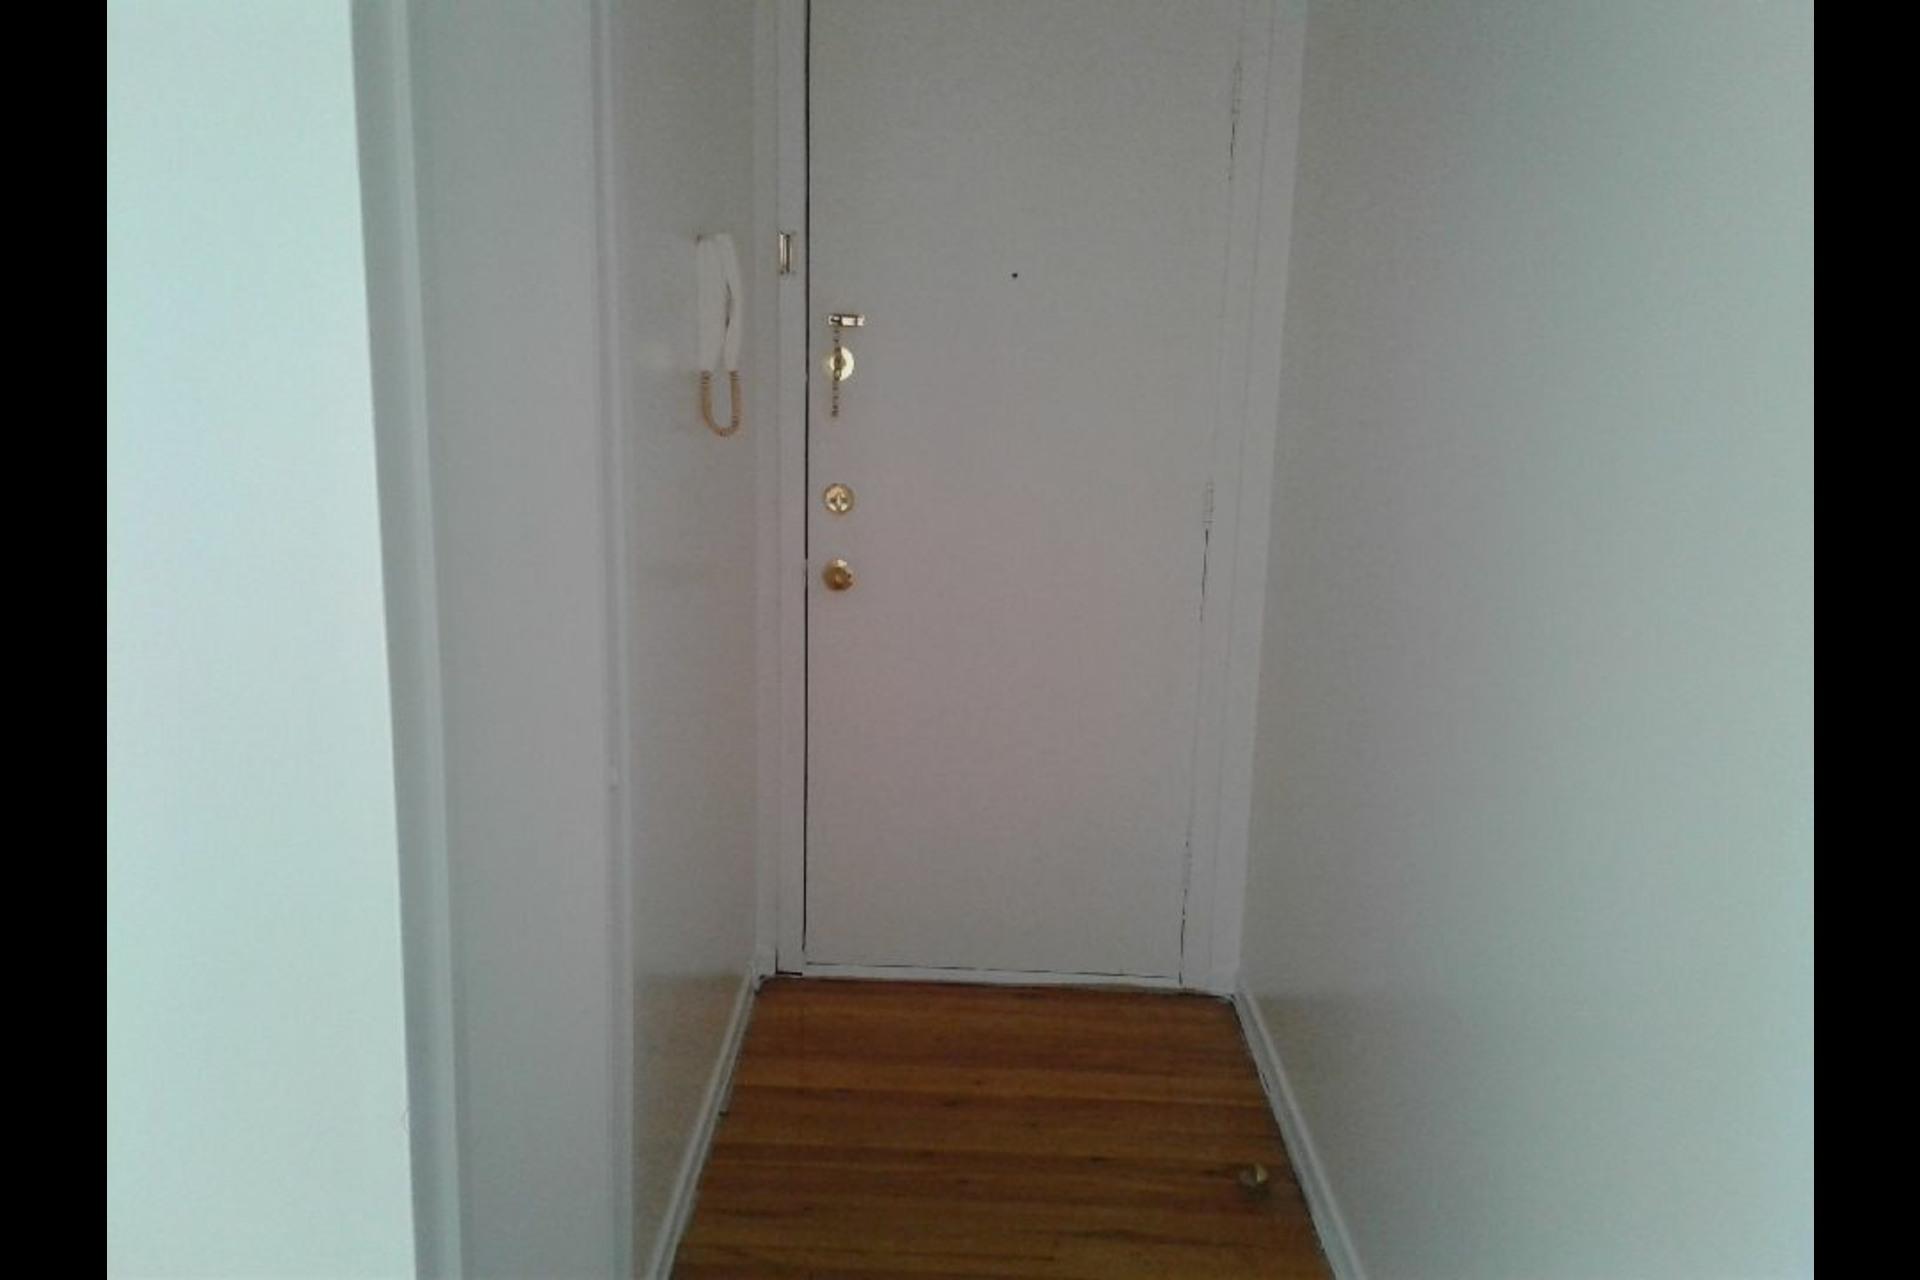 image 5 - Appartement À louer Montréal Montréal-Nord - 4 pièces